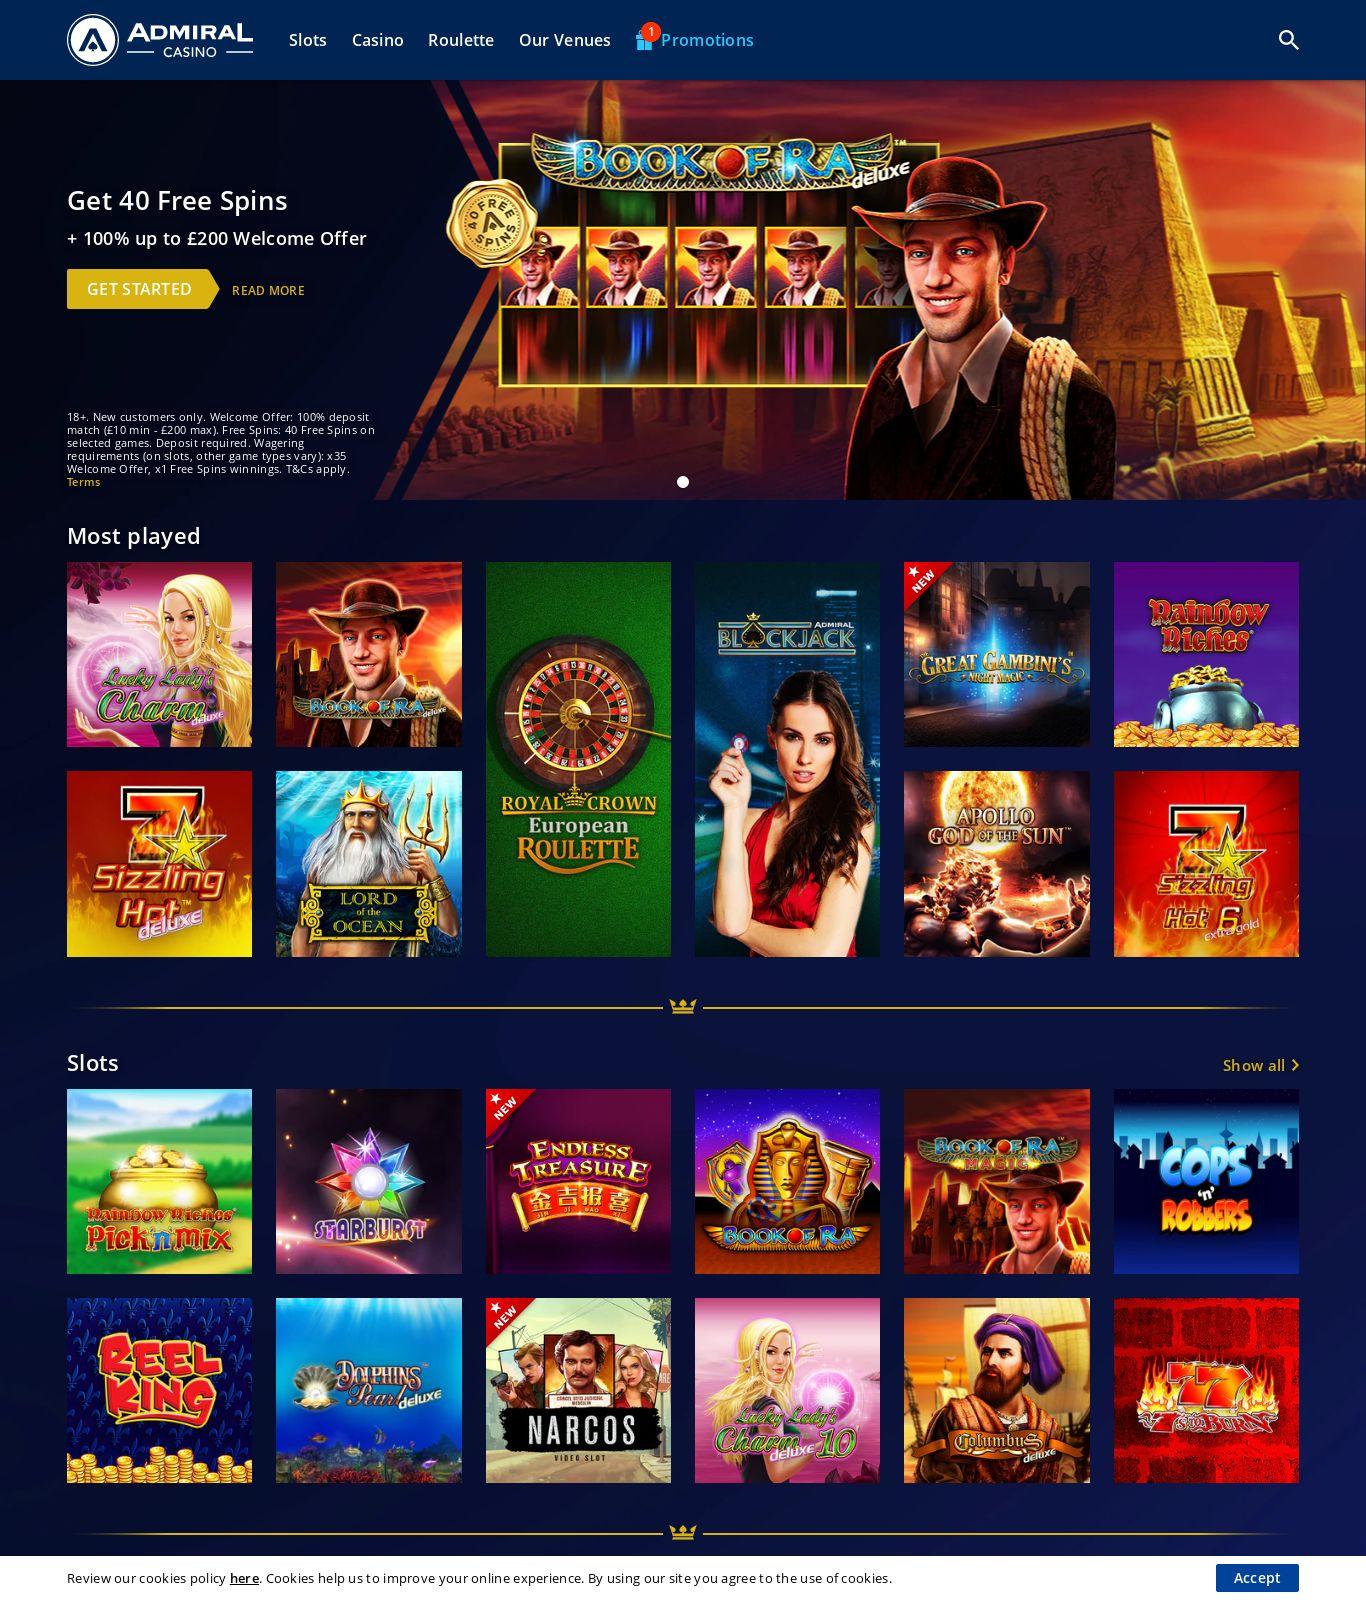 Admiral casino online free игры карты джокер играть